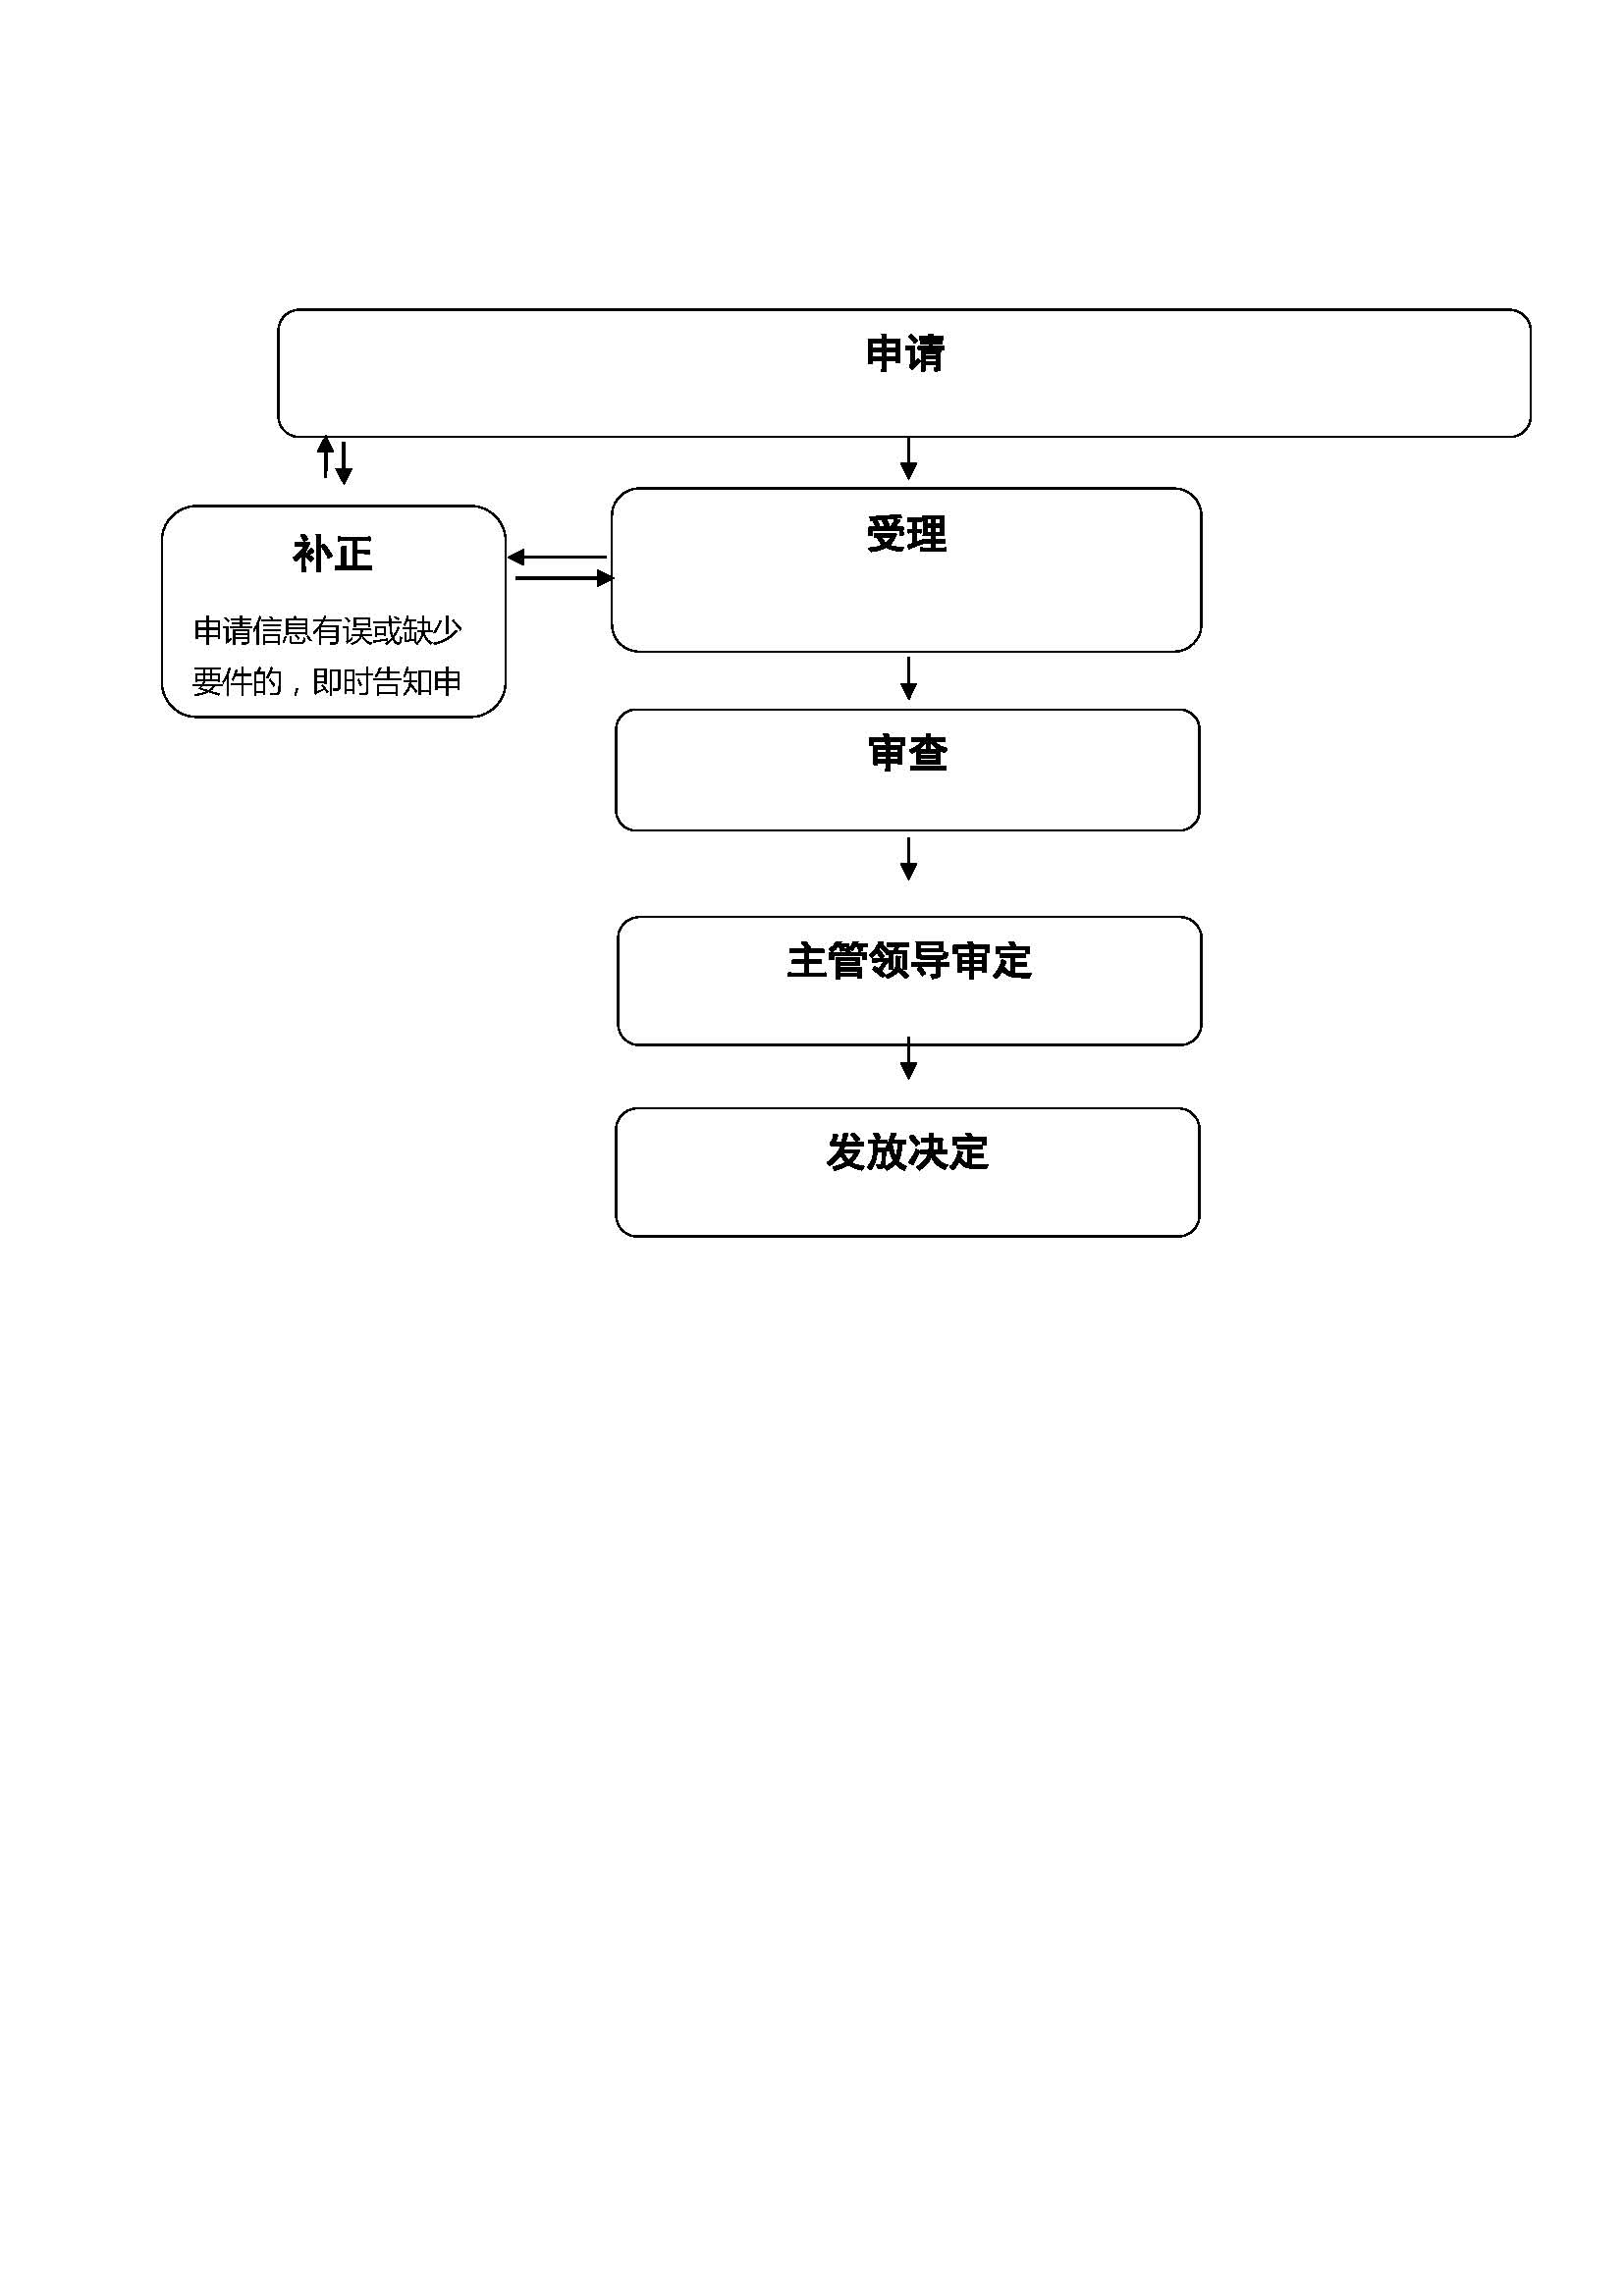 大庆市文化广电新闻出版局行政确认流程图.jpg